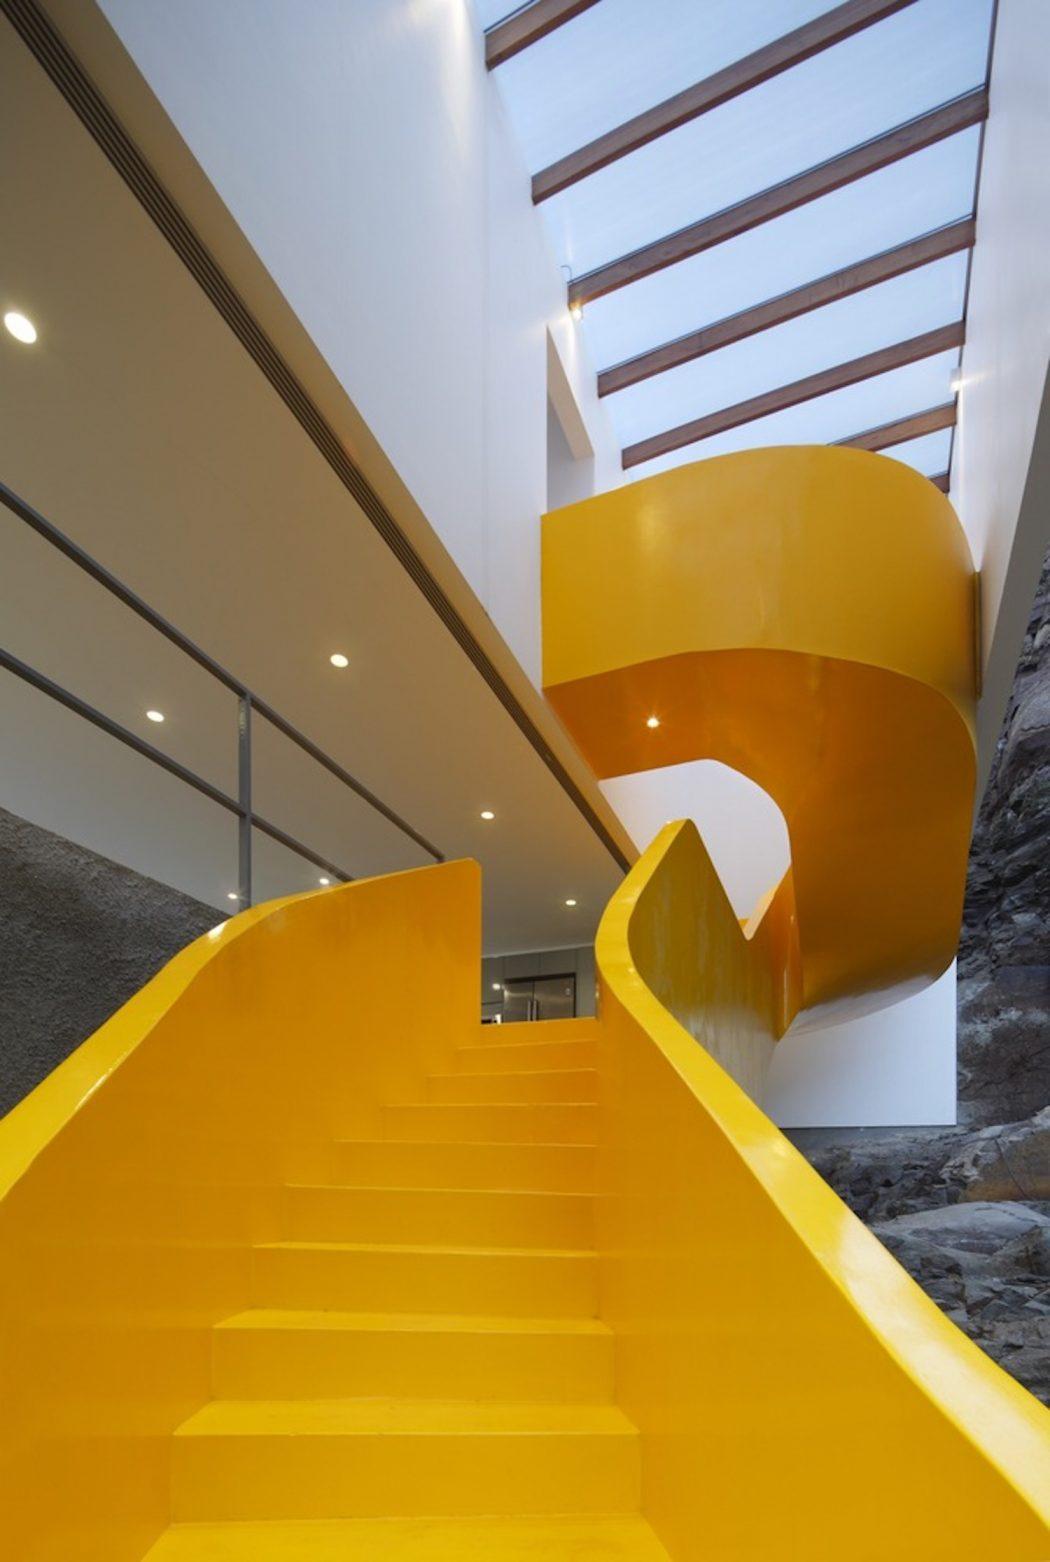 Elképesztően elüt mindentől ez a sárga lépcső, de ez a csodás ...